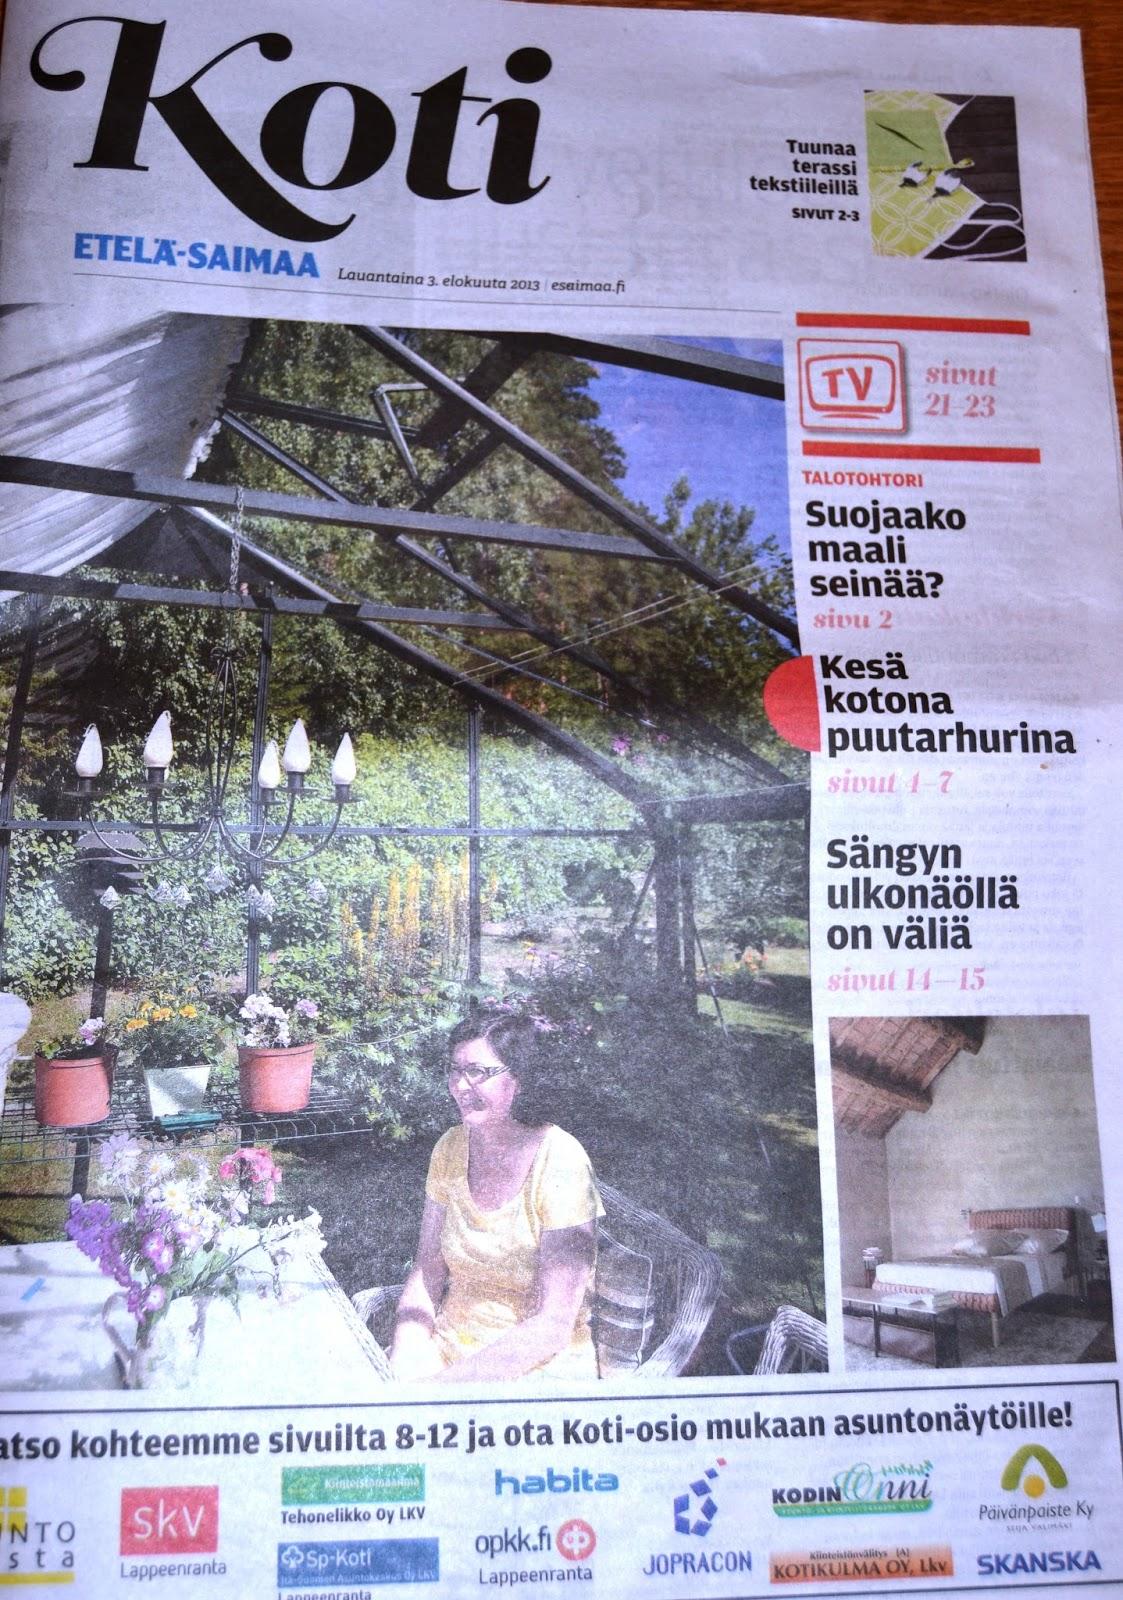 Juttu Etelä-Saimaassa 3.8.2013 – Newspaper article